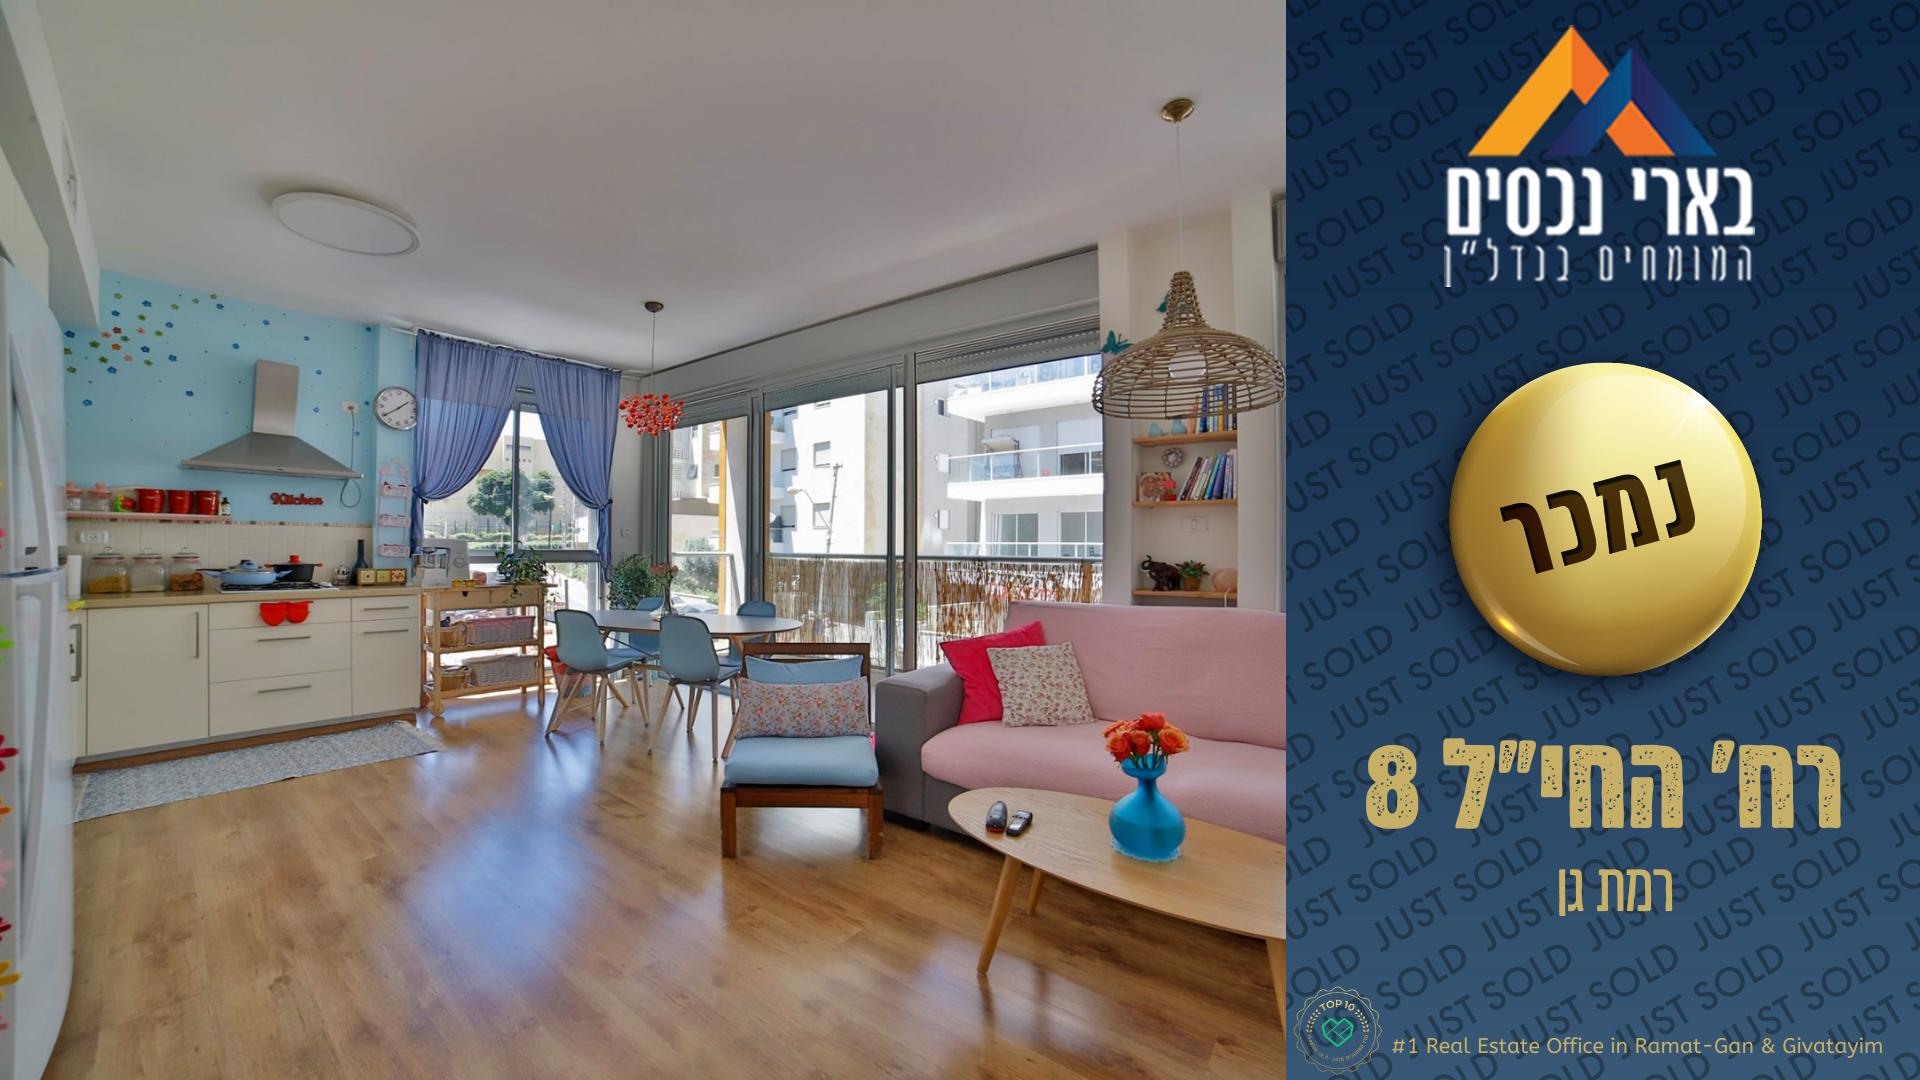 רח׳ החי״ל 8 – דירת 3 חד׳ קסומה במיקום נהדר